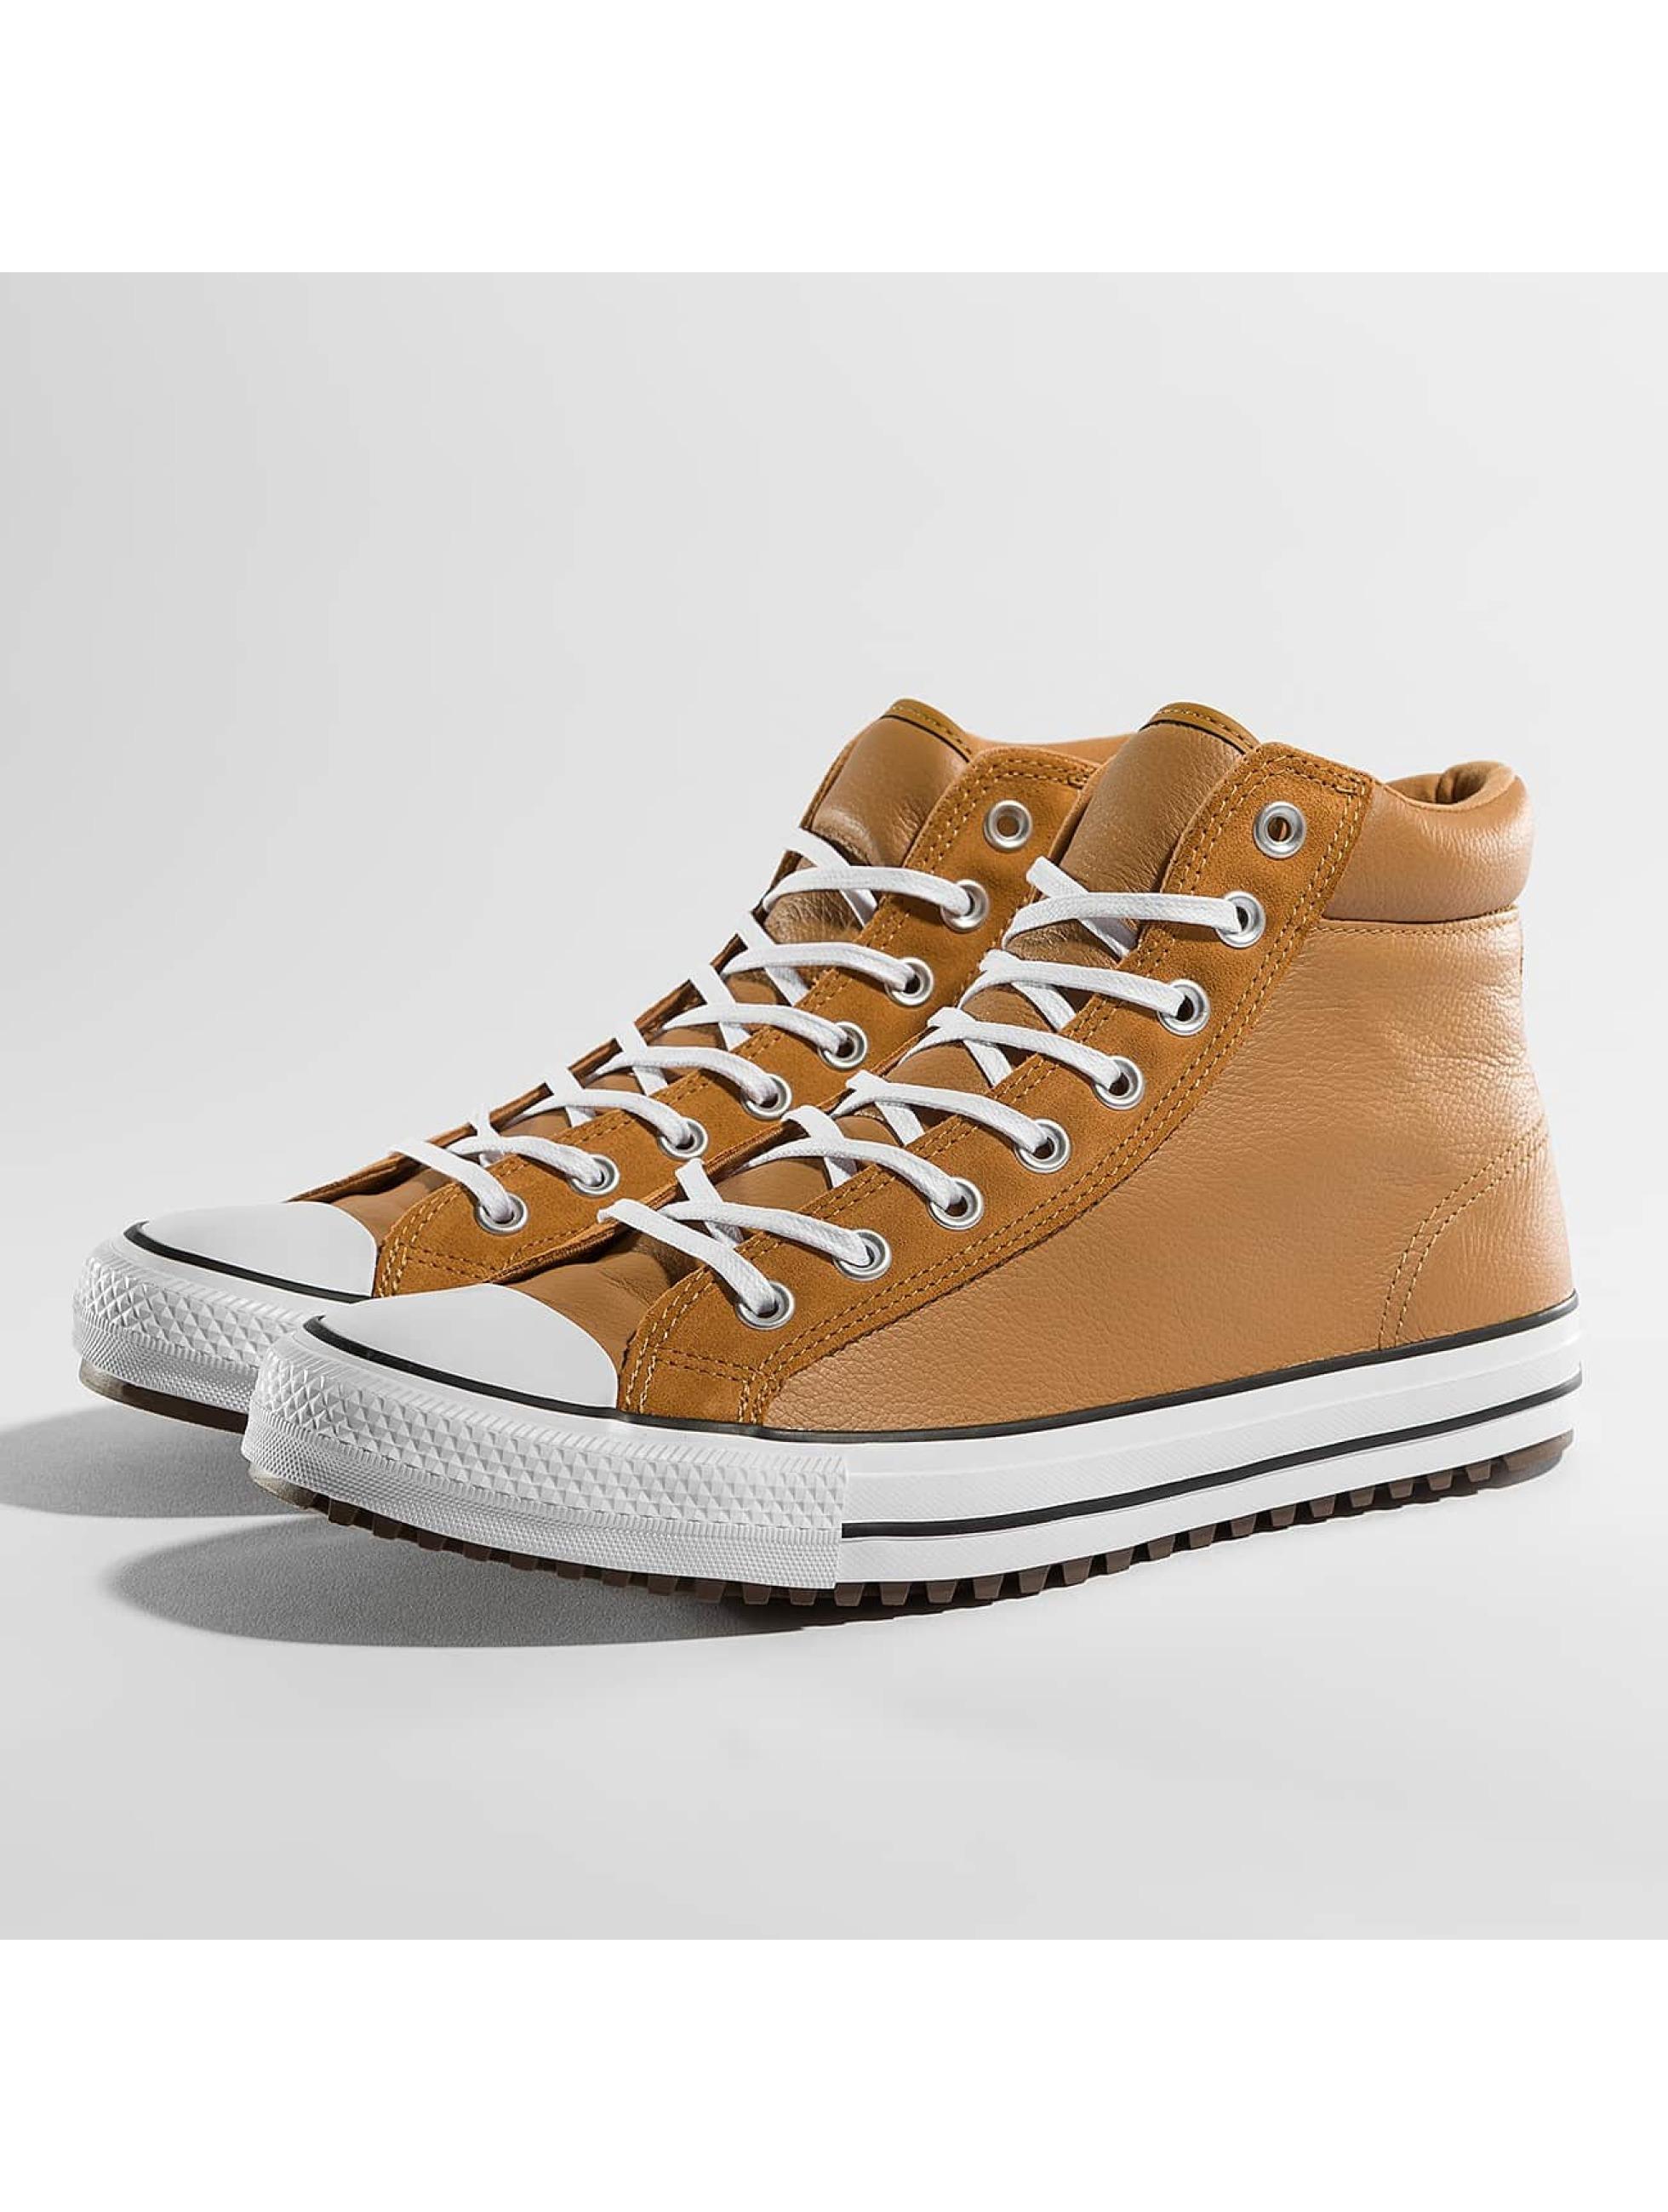 Converse Uomini Scarpe / Sneaker Chuck Taylor All Star marrone 362415 43